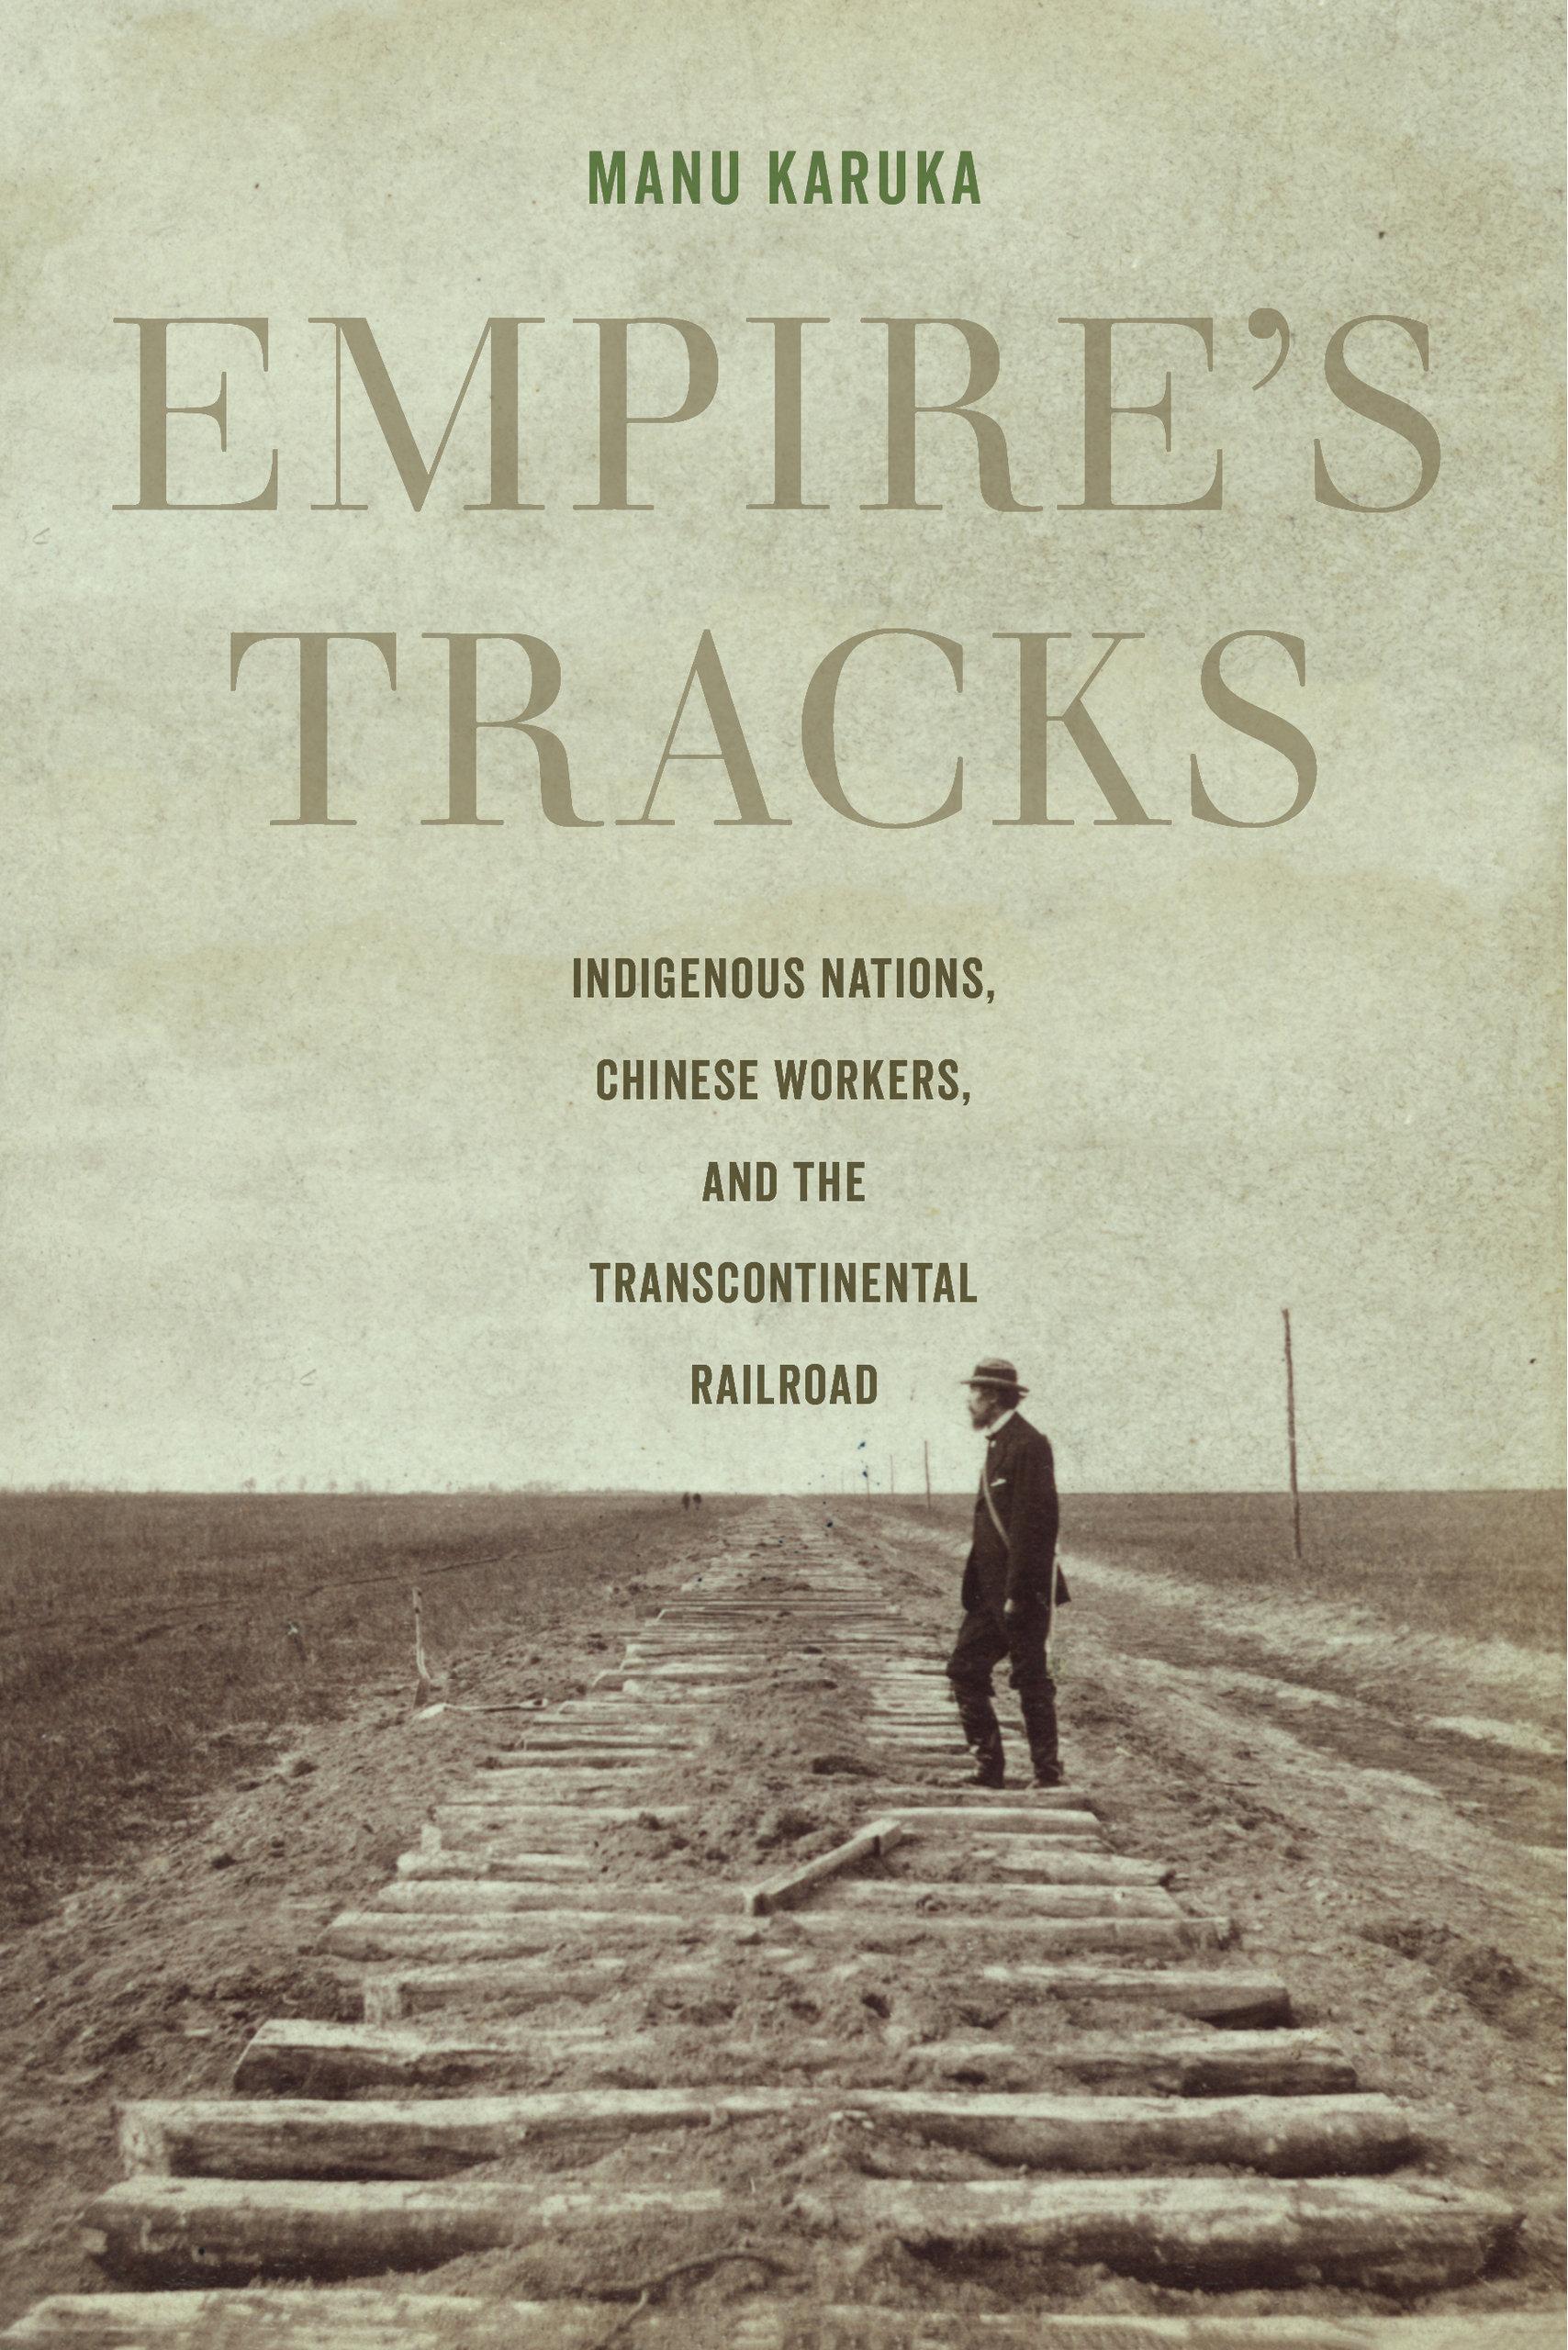 Empire's Tracks_Manu Karuka.jpg